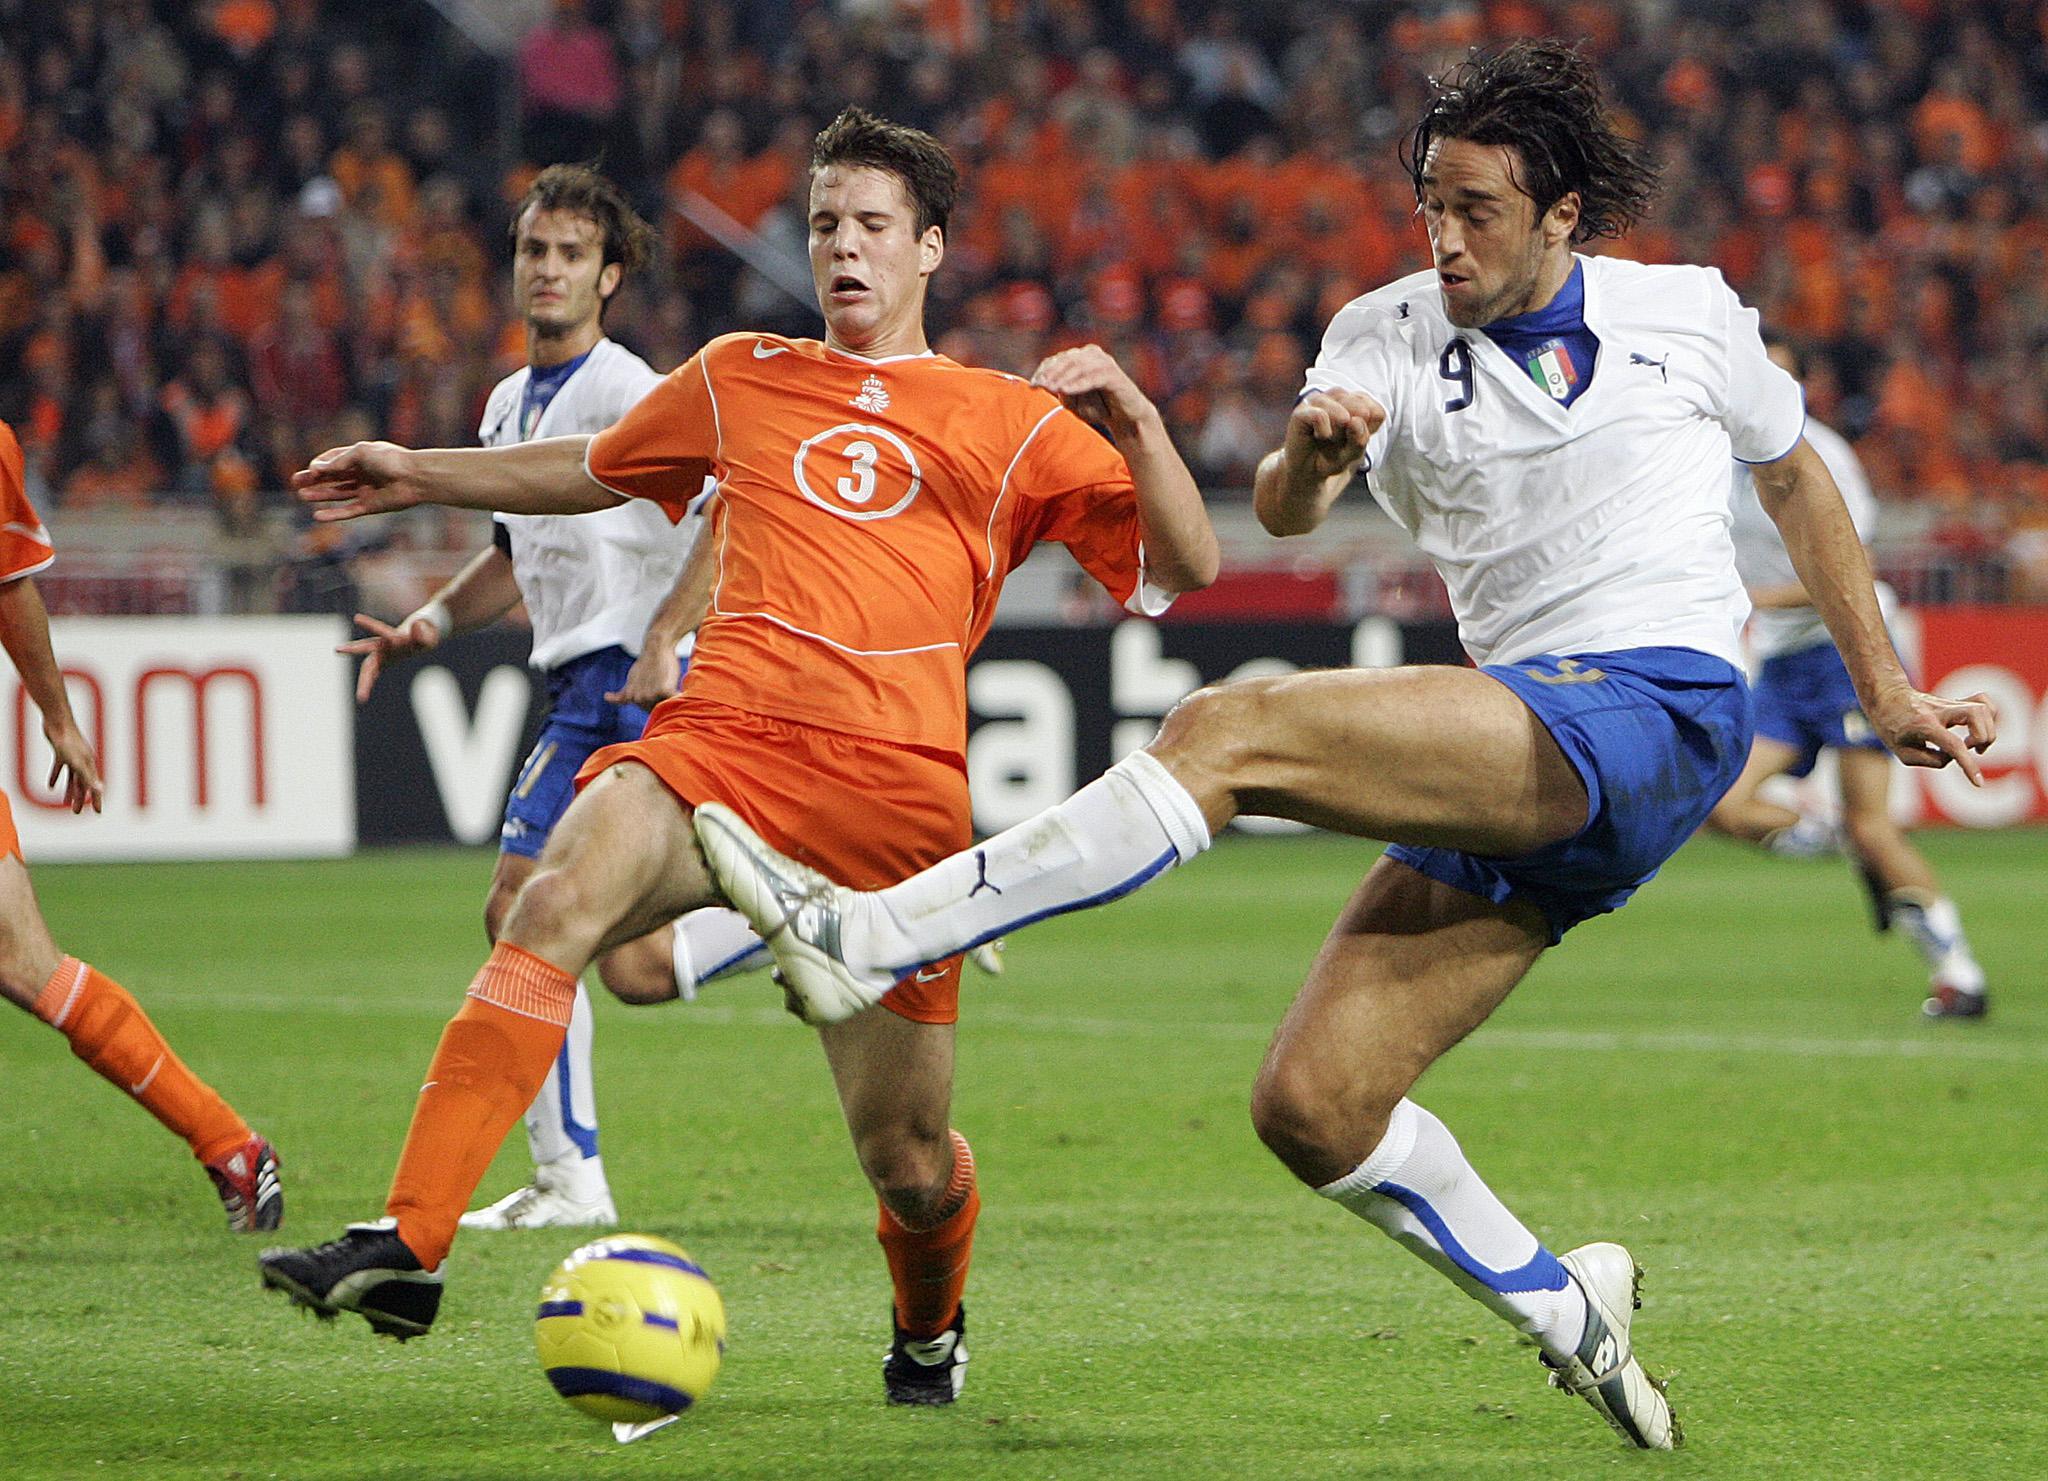 Op deze dag in 2005: Ron Vlaar wordt vernederd door Luca Toni en Italië en zijn oranjecarrière lijkt al over voordat deze überhaupt is begonnen